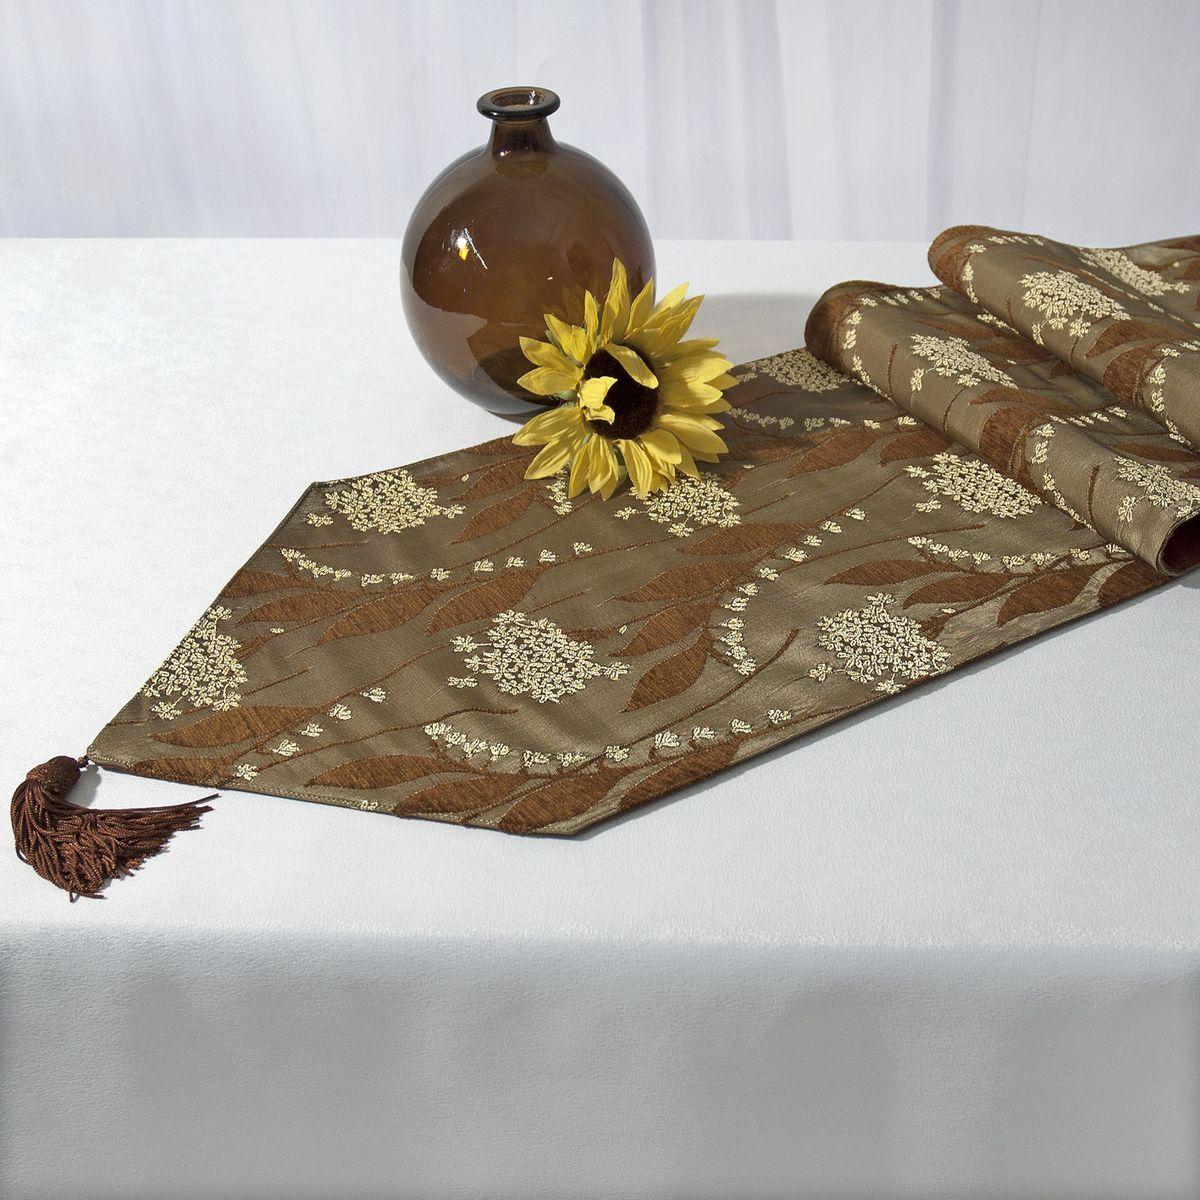 Дорожка для декорирования стола Schaefer, прямоугольная, цвет: темно-зеленый, коричневый, 30 x 170 см 06031-28706031-287Прямоугольная дорожка Schaefer, выполненная из полиэстера (30%), вискозы (35%) и полиакрила (46%), оформлена цветочным орнаментом и украшена элегантными кистями на концах. Вы можете использовать дорожку для декорирования стола, комода или журнального столика. Это изделие будет украшением вашей квартиры или загородного дома! Благодаря такой дорожке вы защитите поверхность мебели от воды, пятен и механических воздействий, а также создадите атмосферу уюта и домашнего тепла в интерьере вашей квартиры. Изделия из искусственных волокон легко стирать: они не мнутся, не садятся и быстро сохнут, они более долговечны, чем изделия из натуральных волокон.